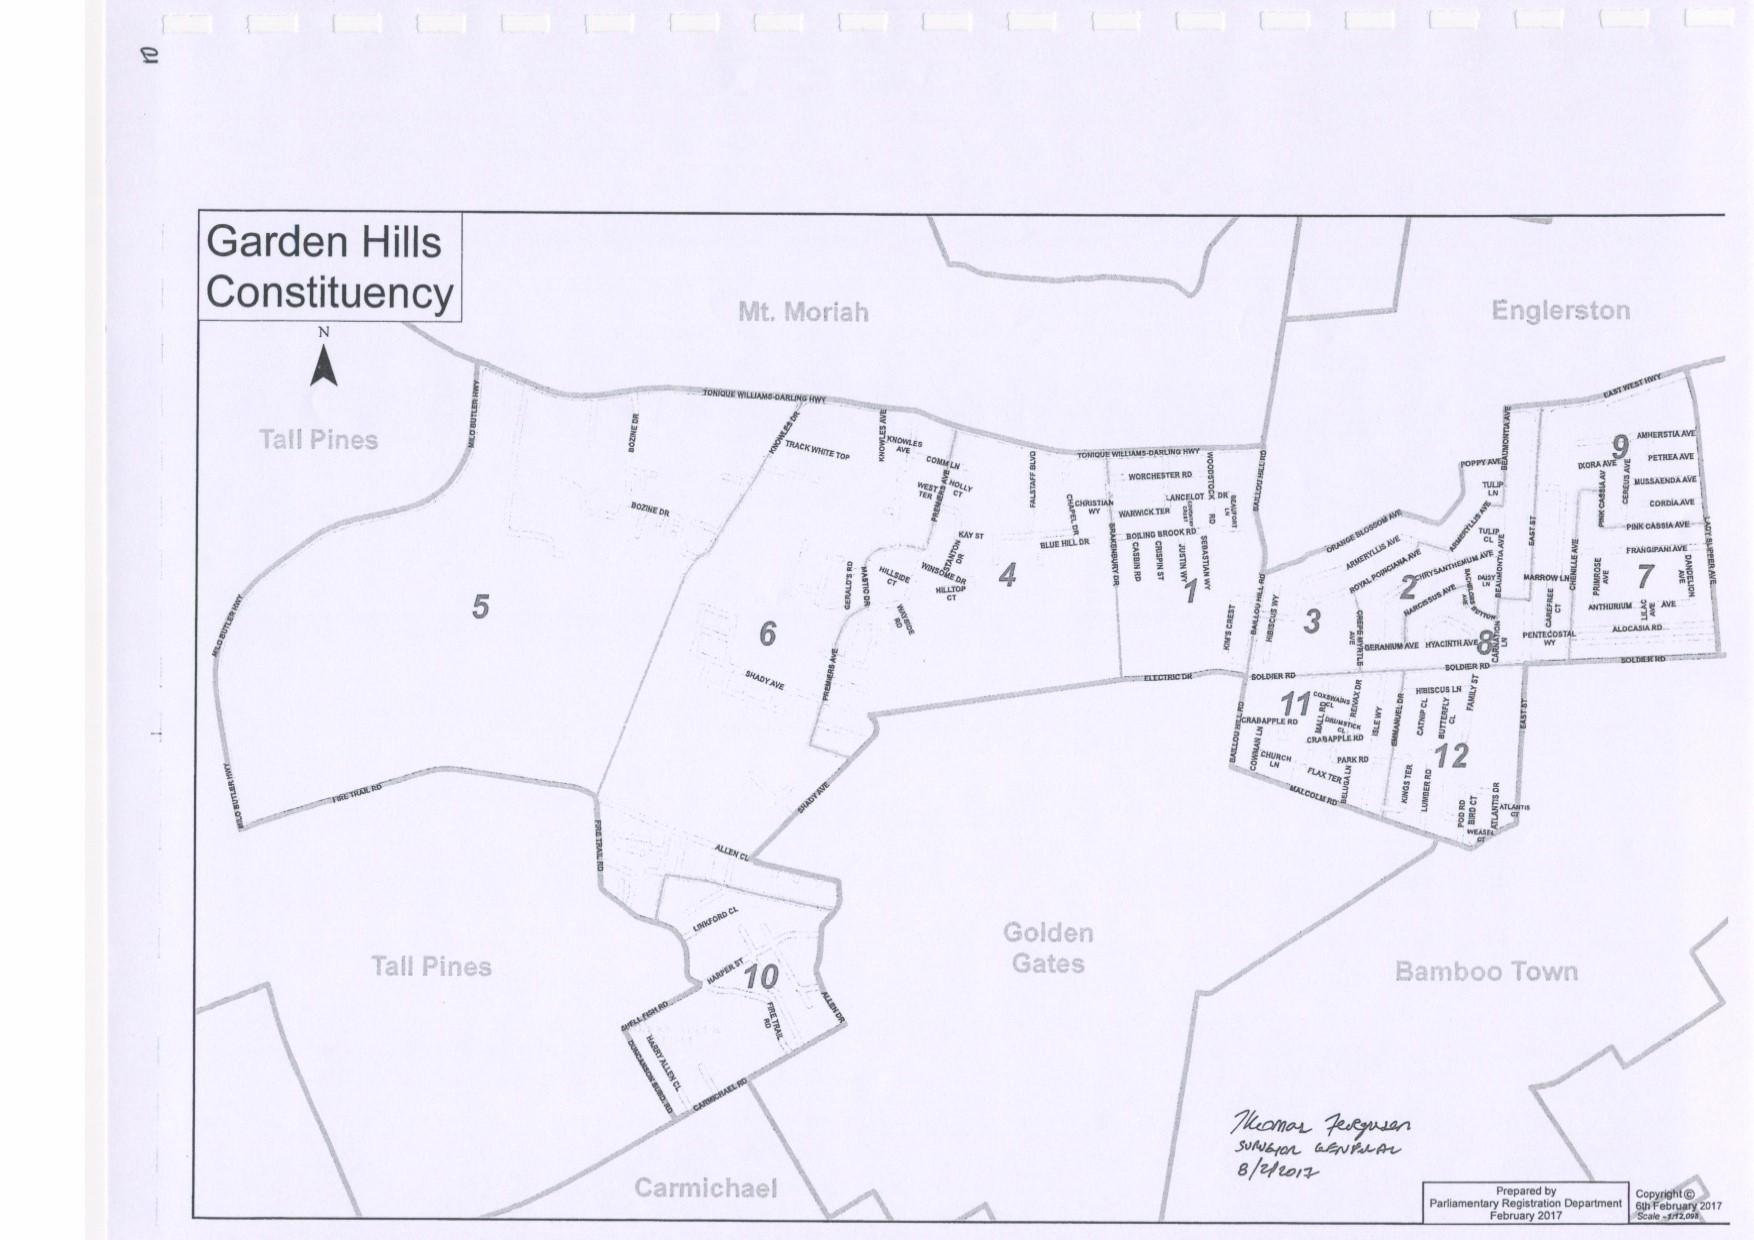 Garden Hills Constituency 2017